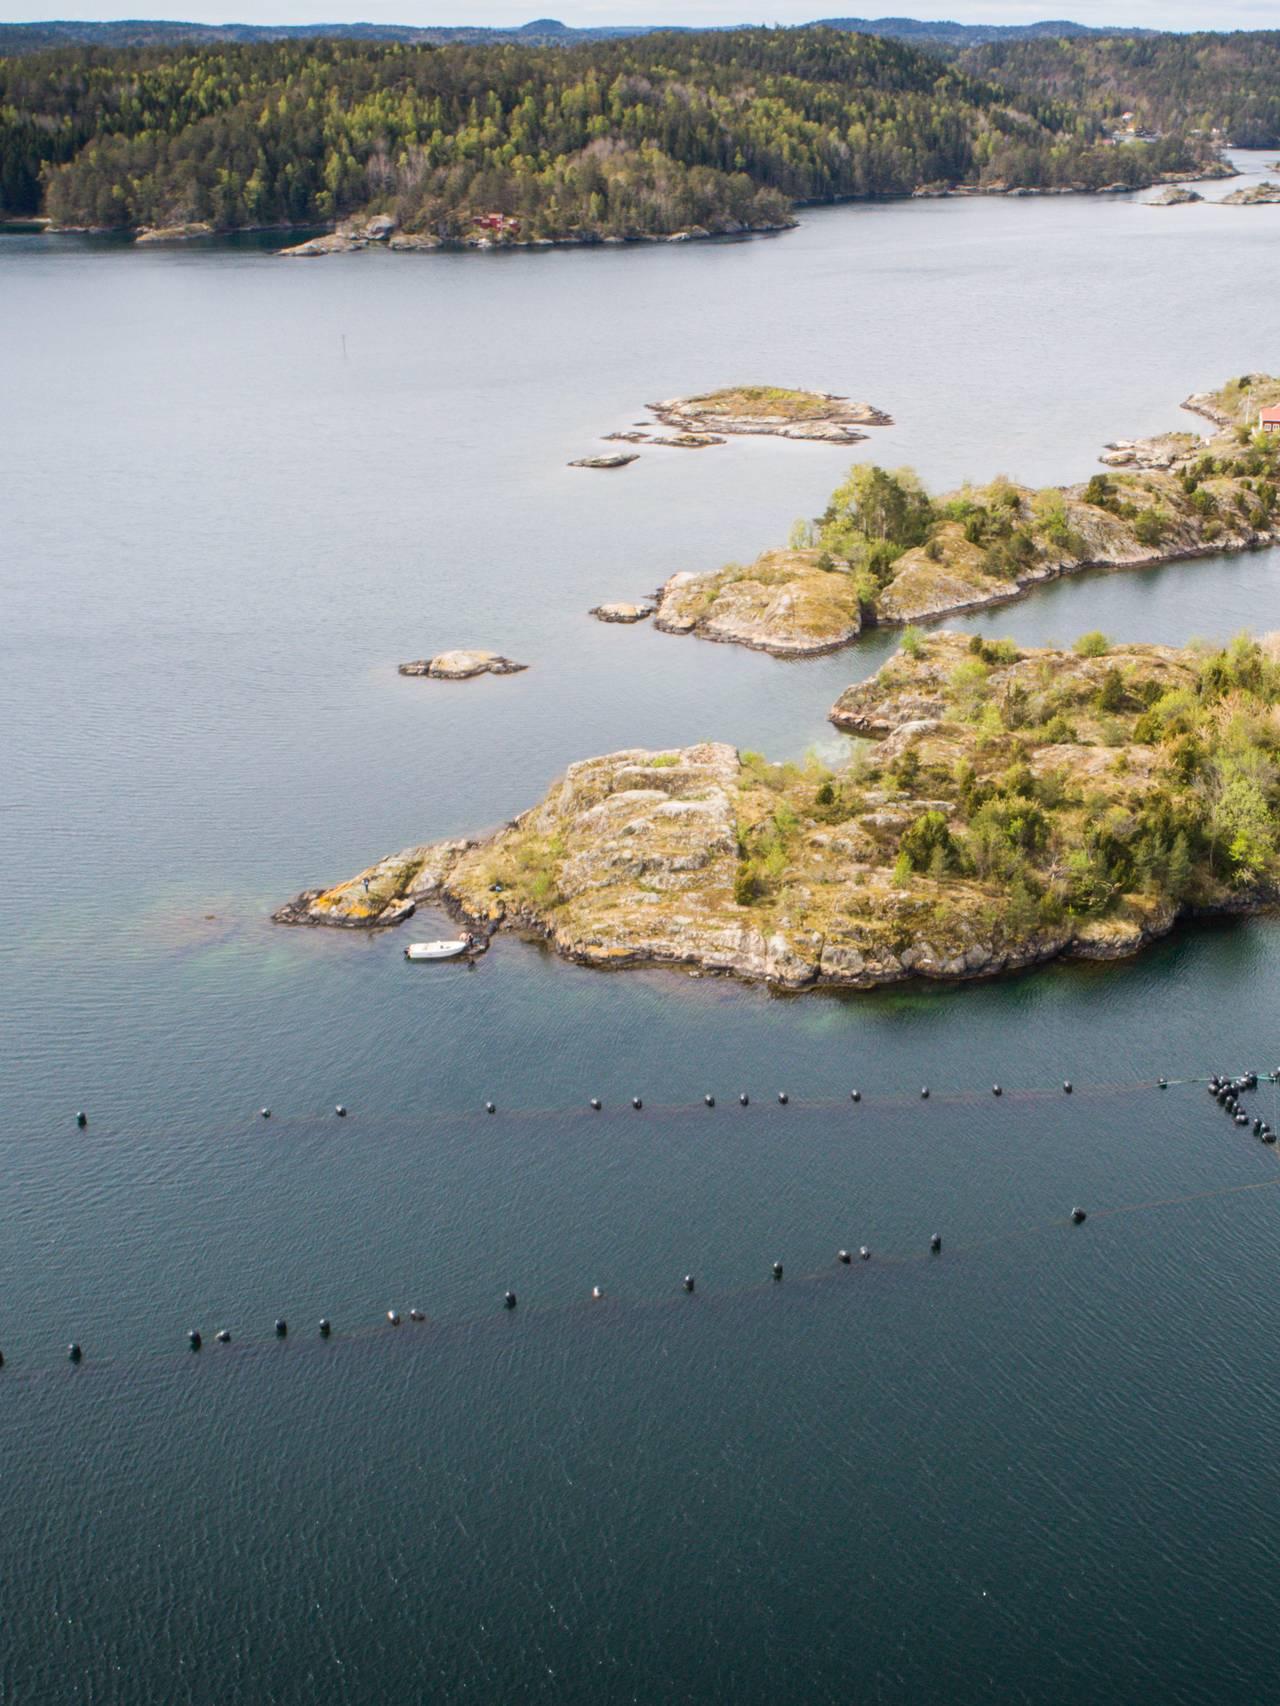 Agder mussels anlegg for blåskjell. Gjeving utenfor Risør.